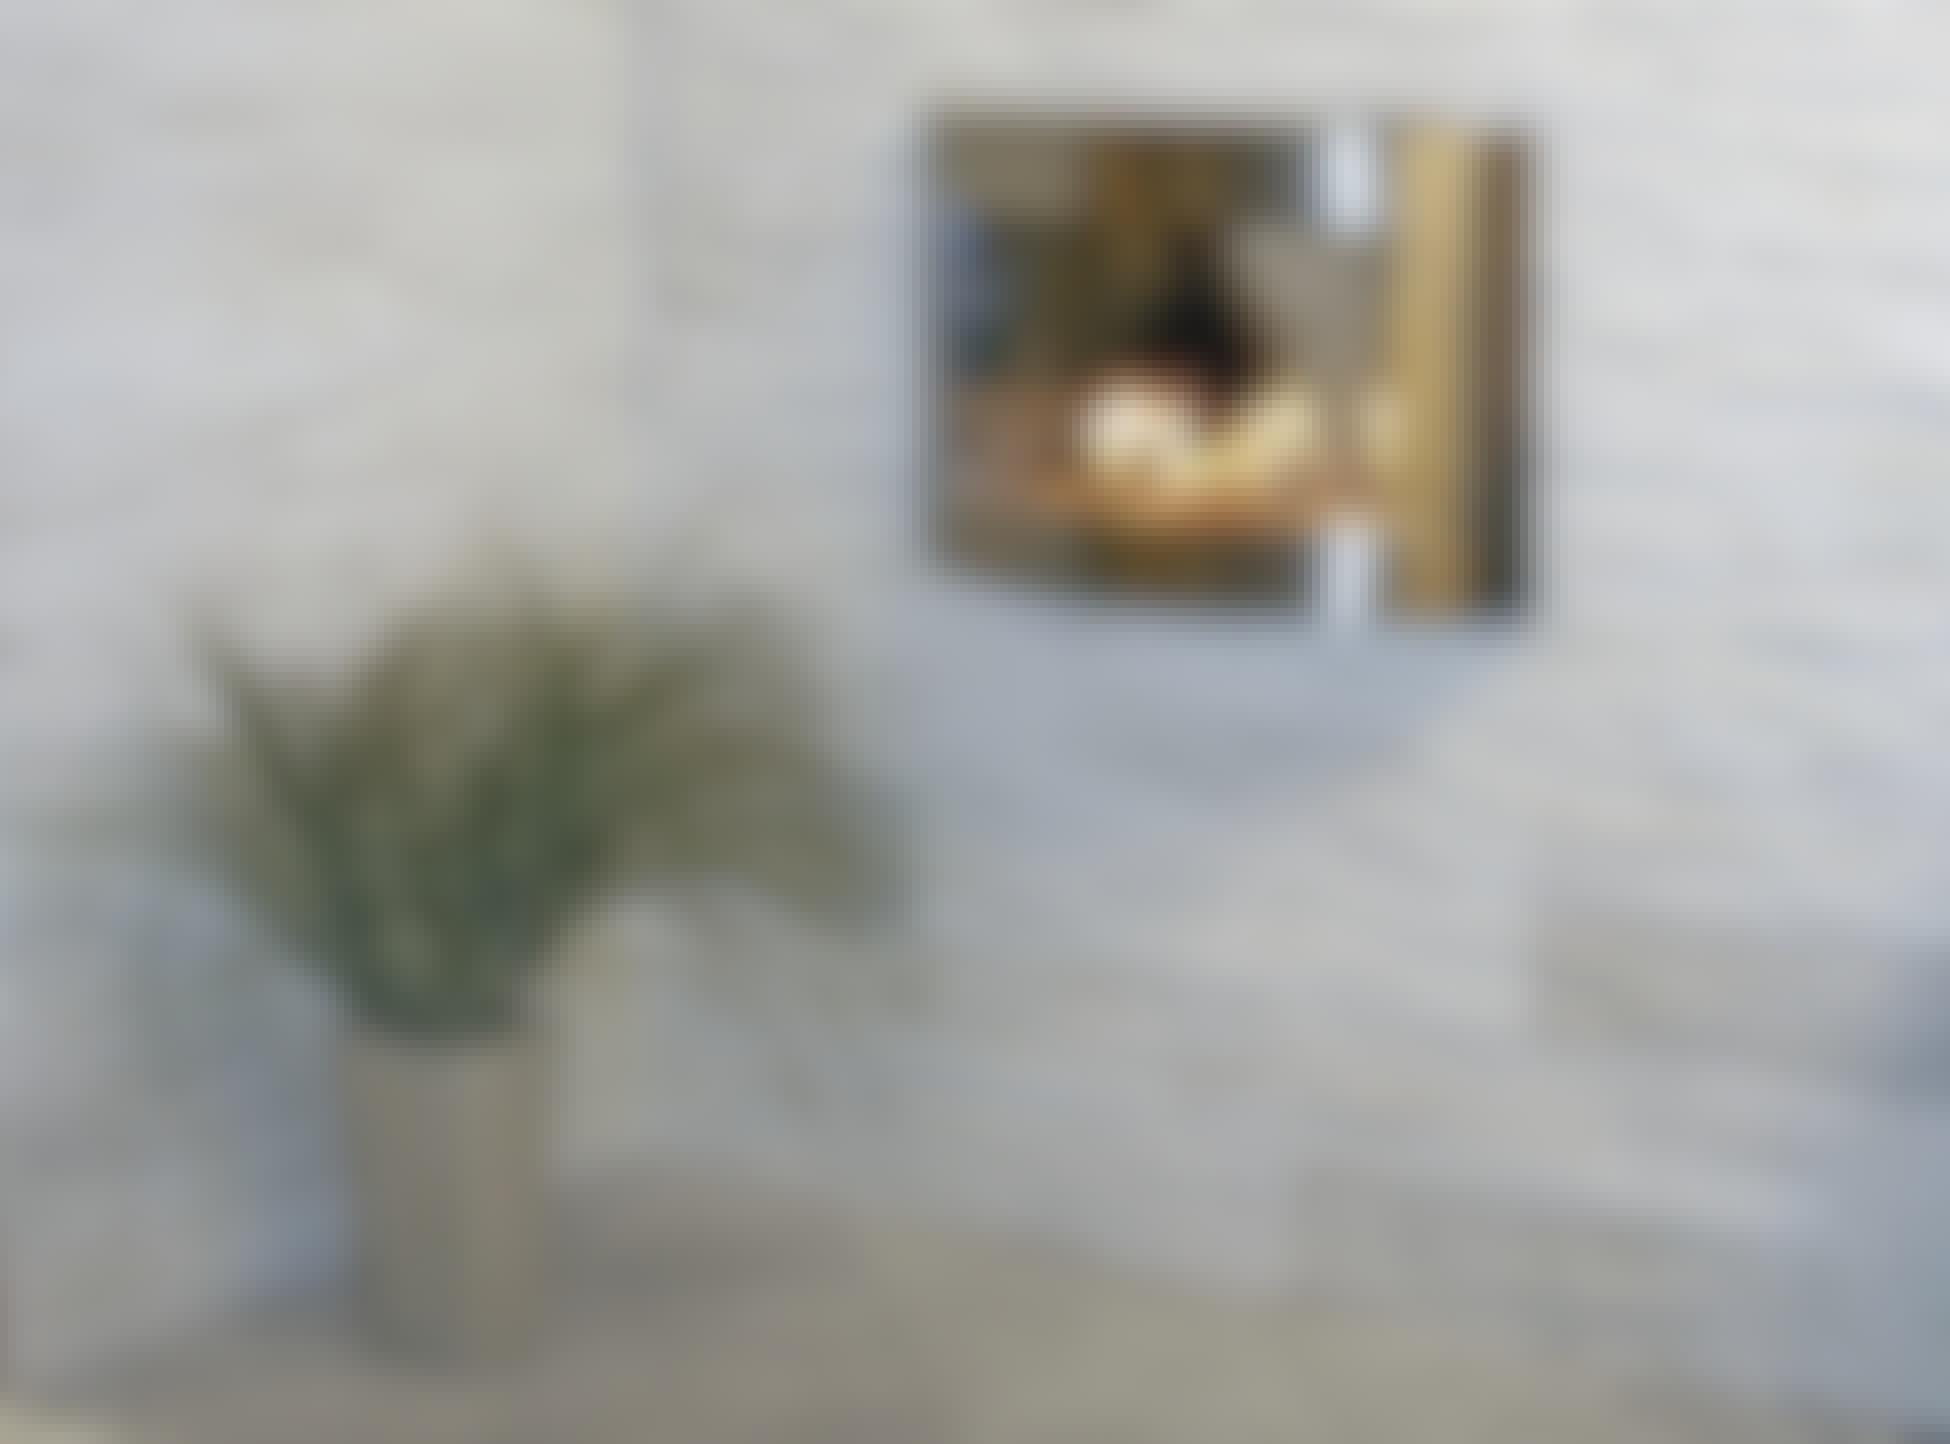 **NATURPLATTOR (HÅRDA)** Hårda stenmaterial som granit och skiffer används också till tillverkning av plattor. Både granit och skiffer tål hårt slitage och kan med fördel läggas i till exempel en hall, entréutrymmen och korridorer.